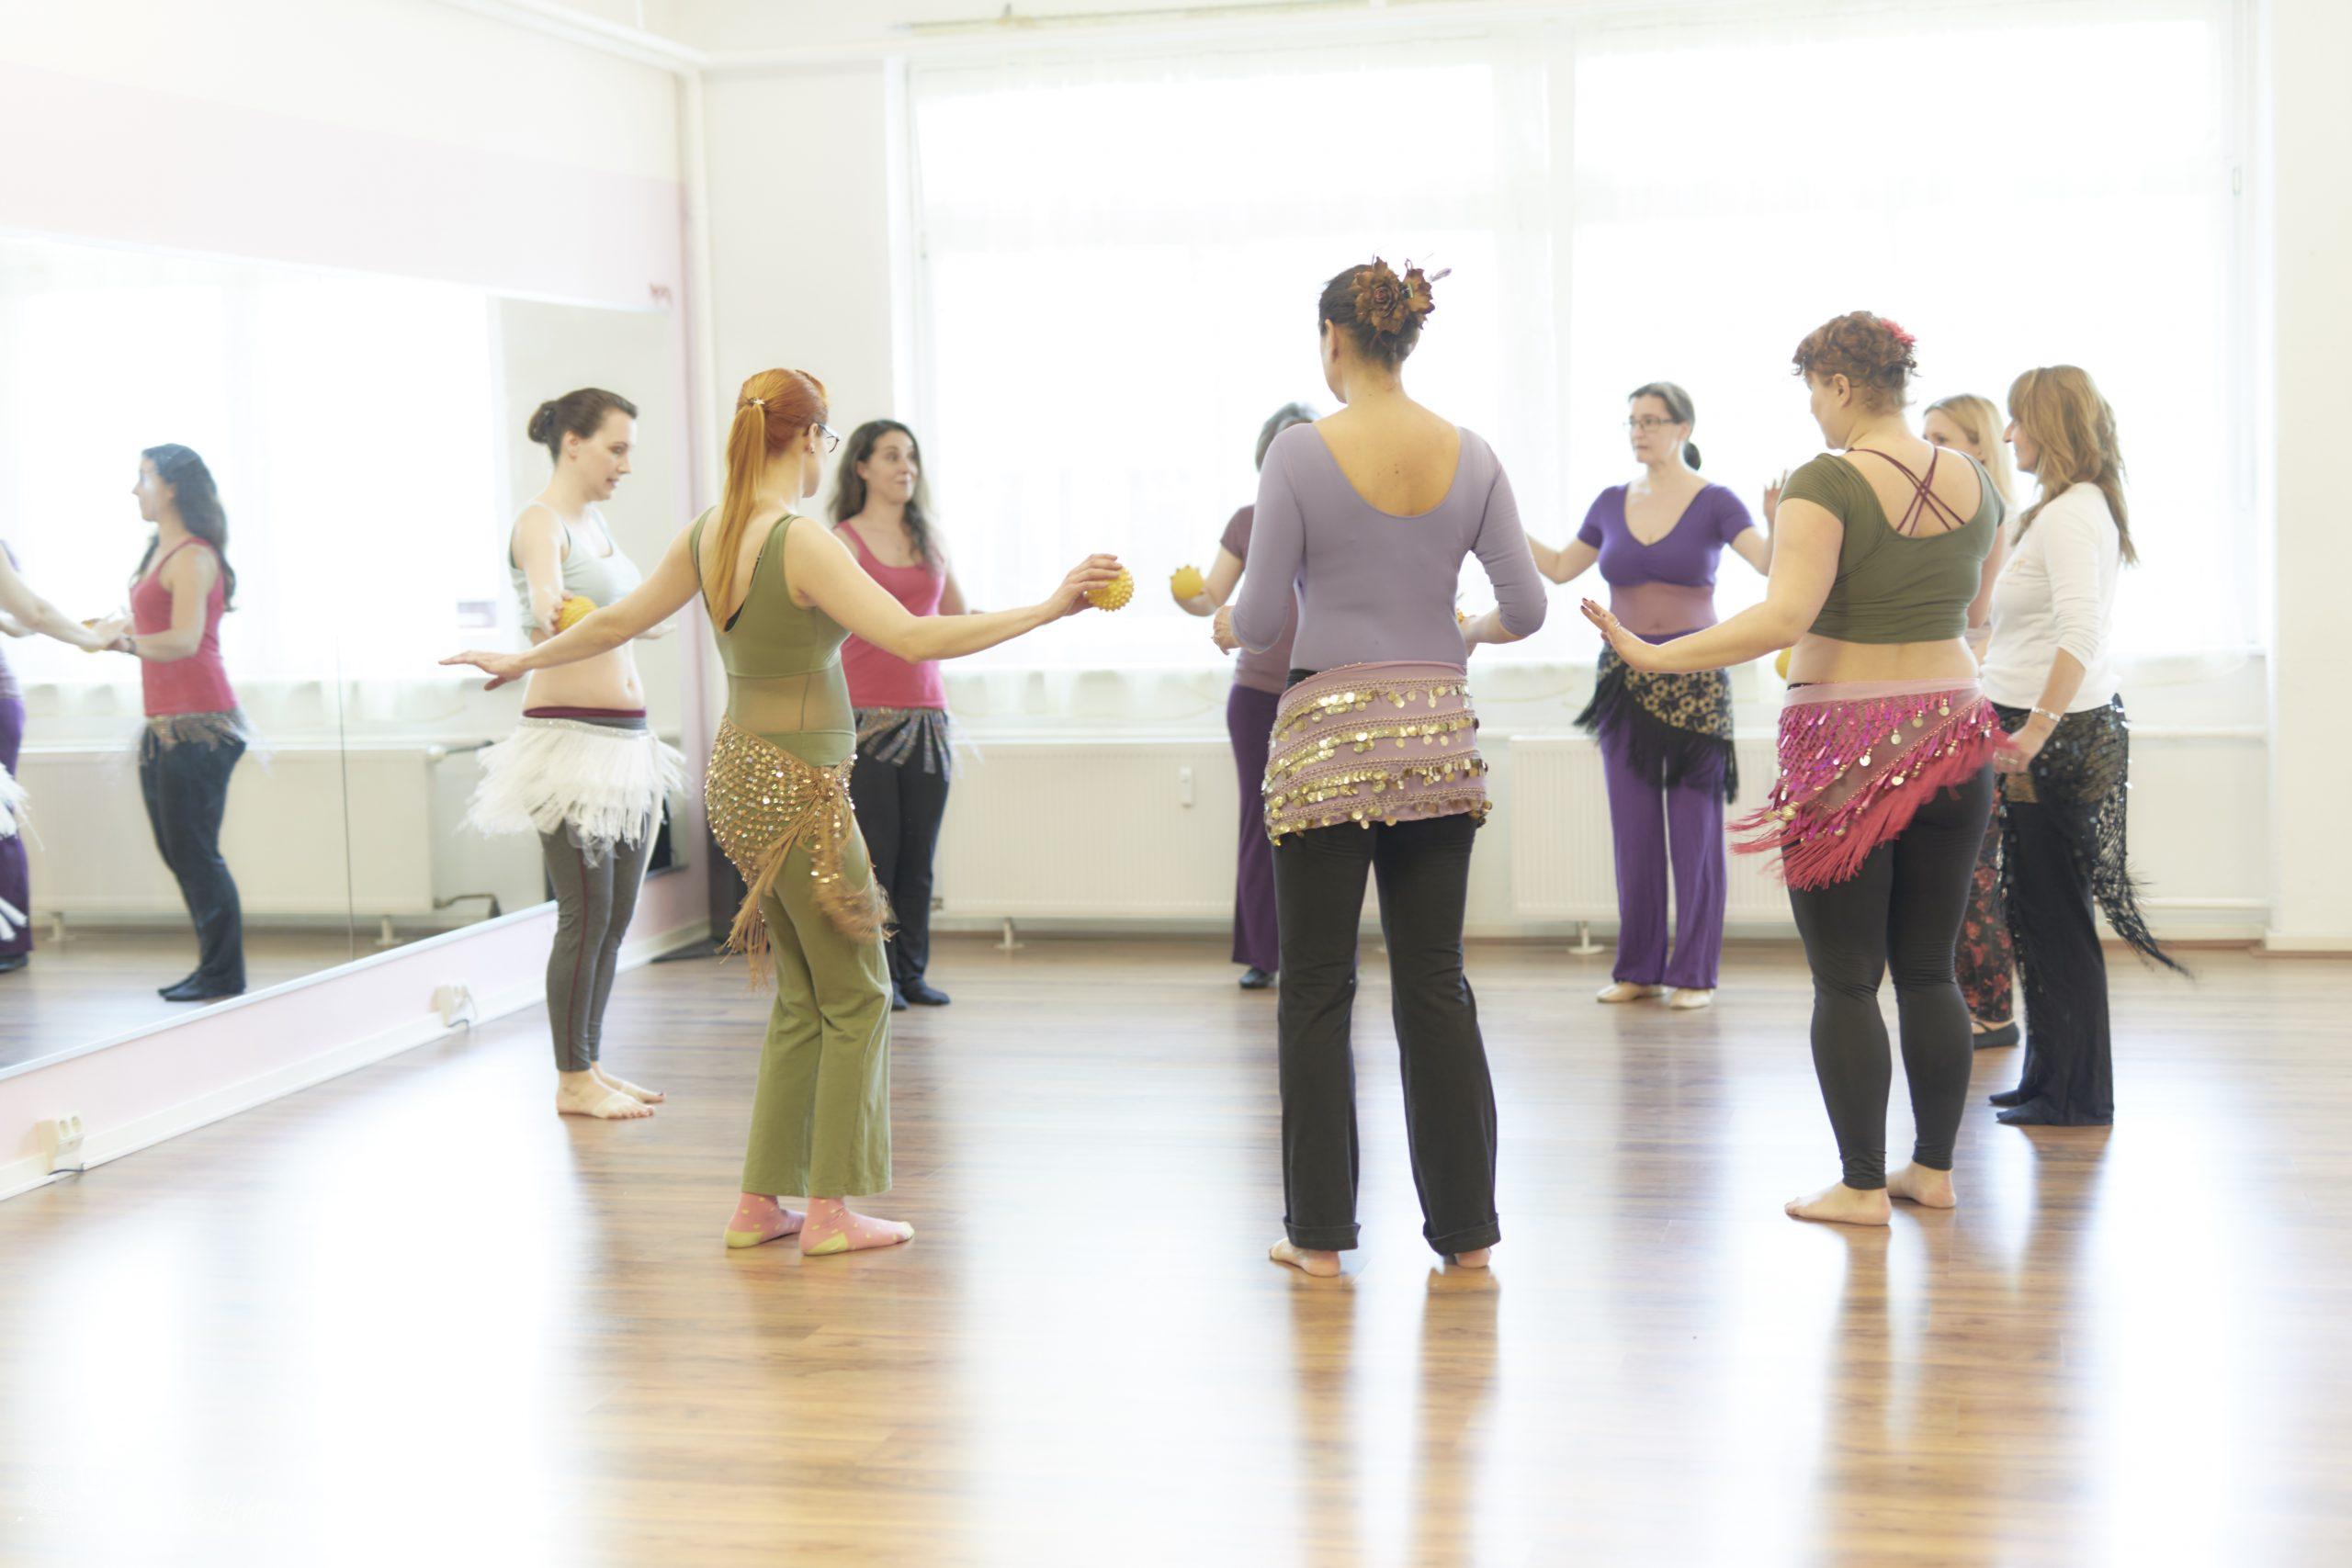 Achsentraining im Orientalischen Tanz - Foto: Sabuas Lichtraum